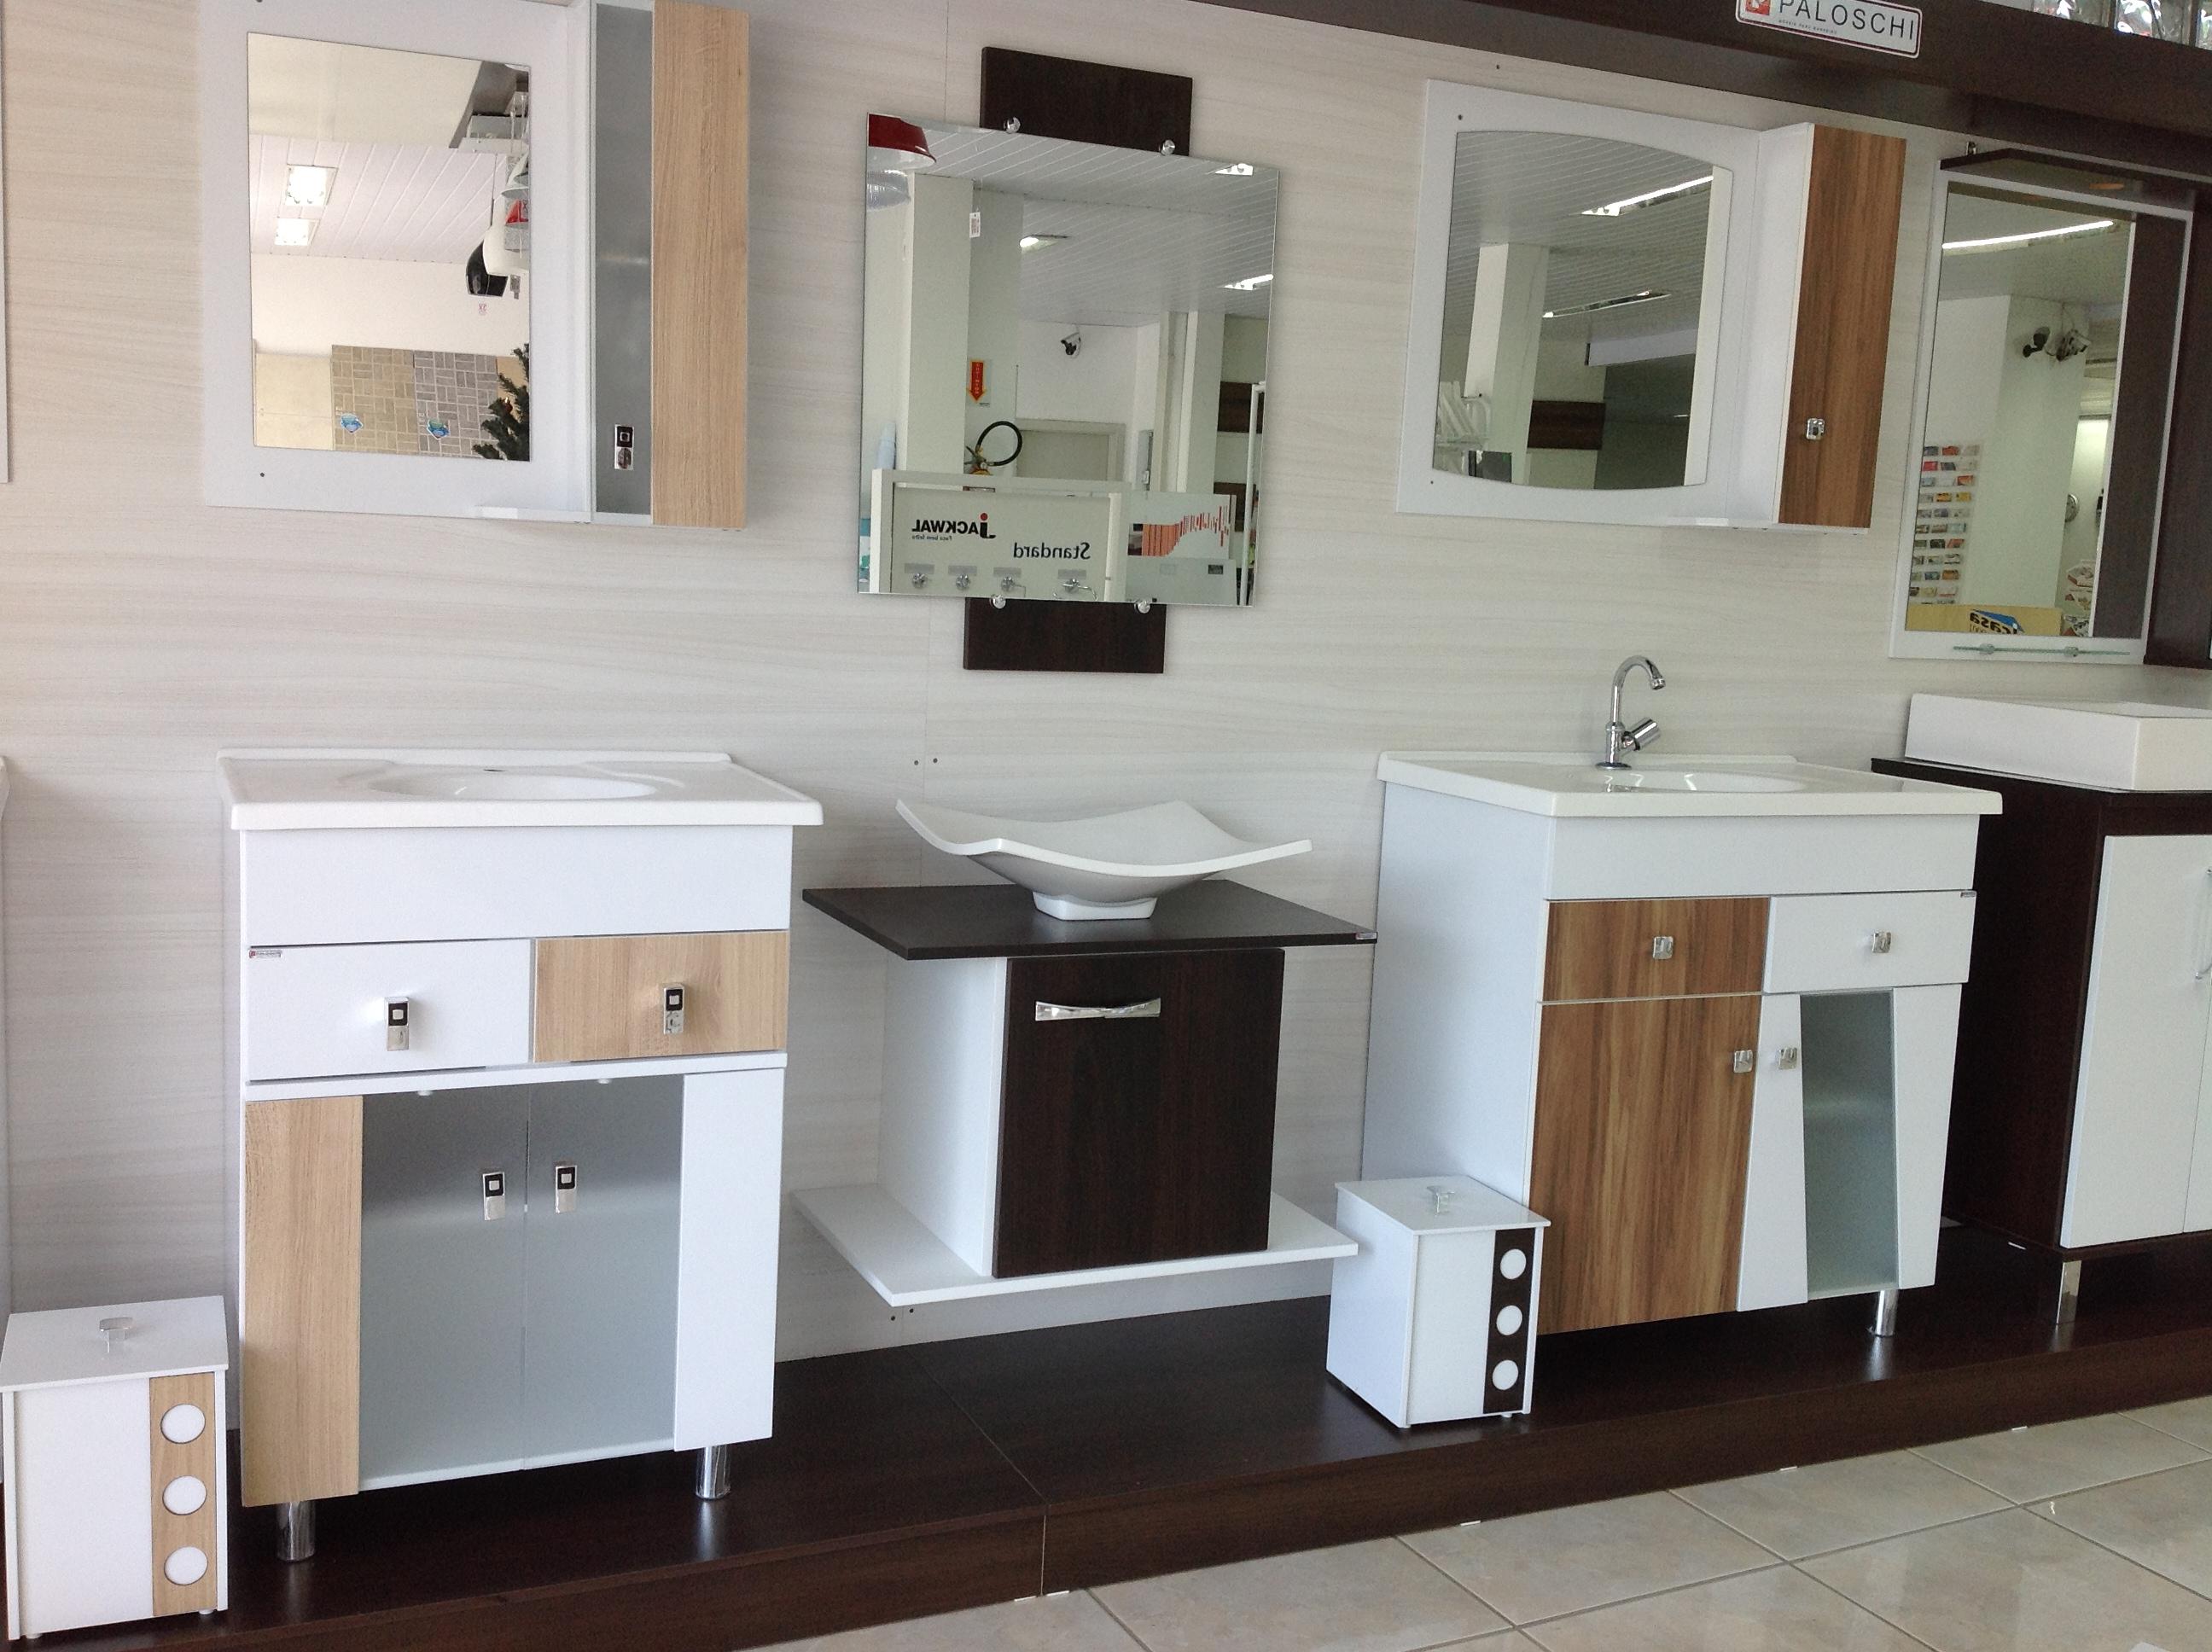 móveis para banheiro lustres ferramentas acessórios para banheiro  #694A34 2592 1936